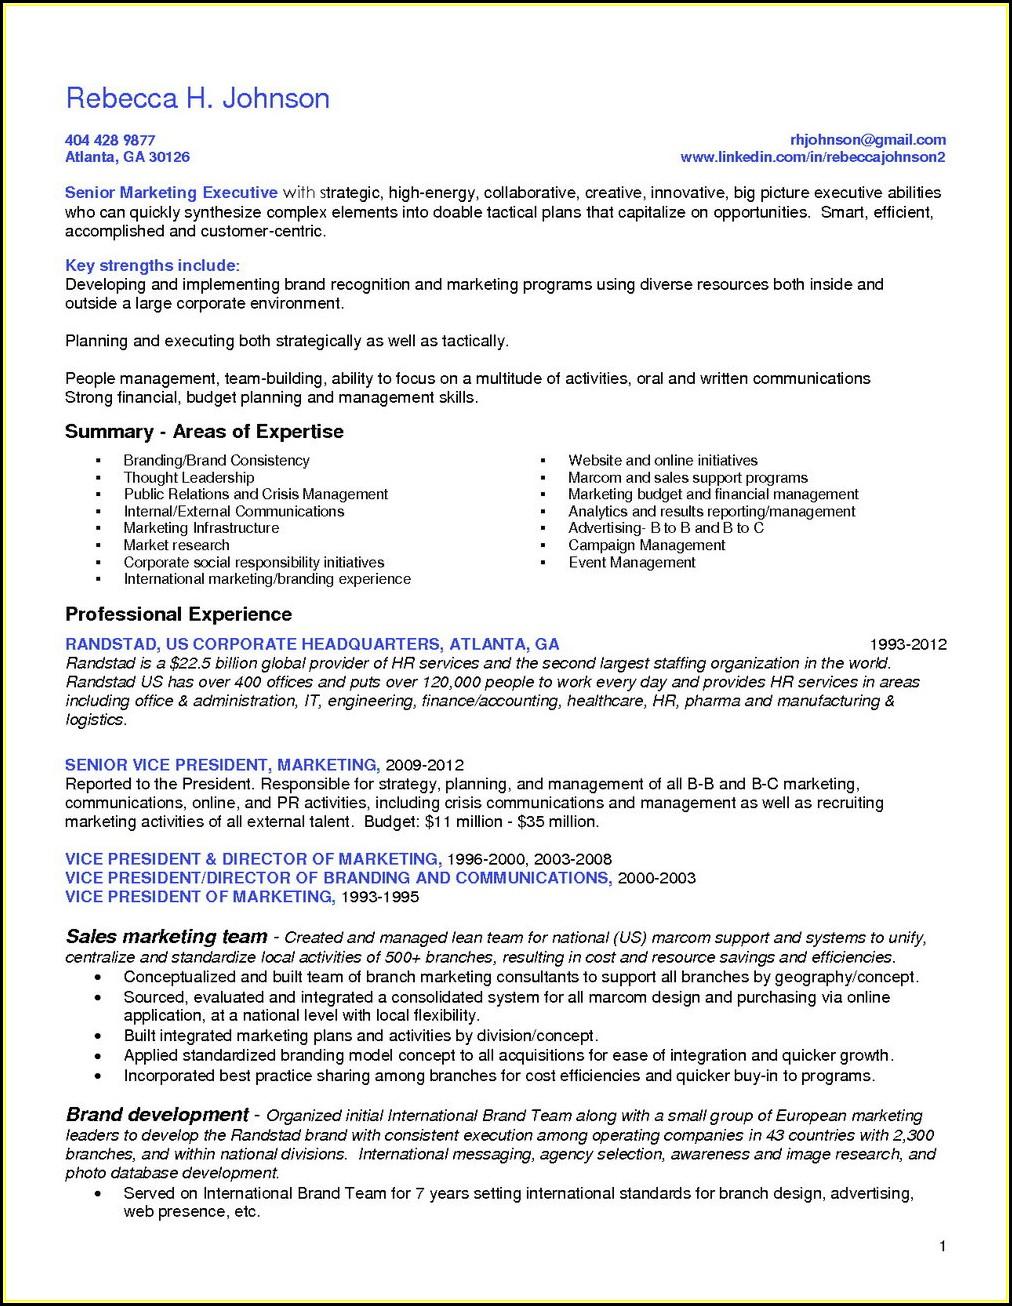 Resume Writing Services Atlanta Georgia